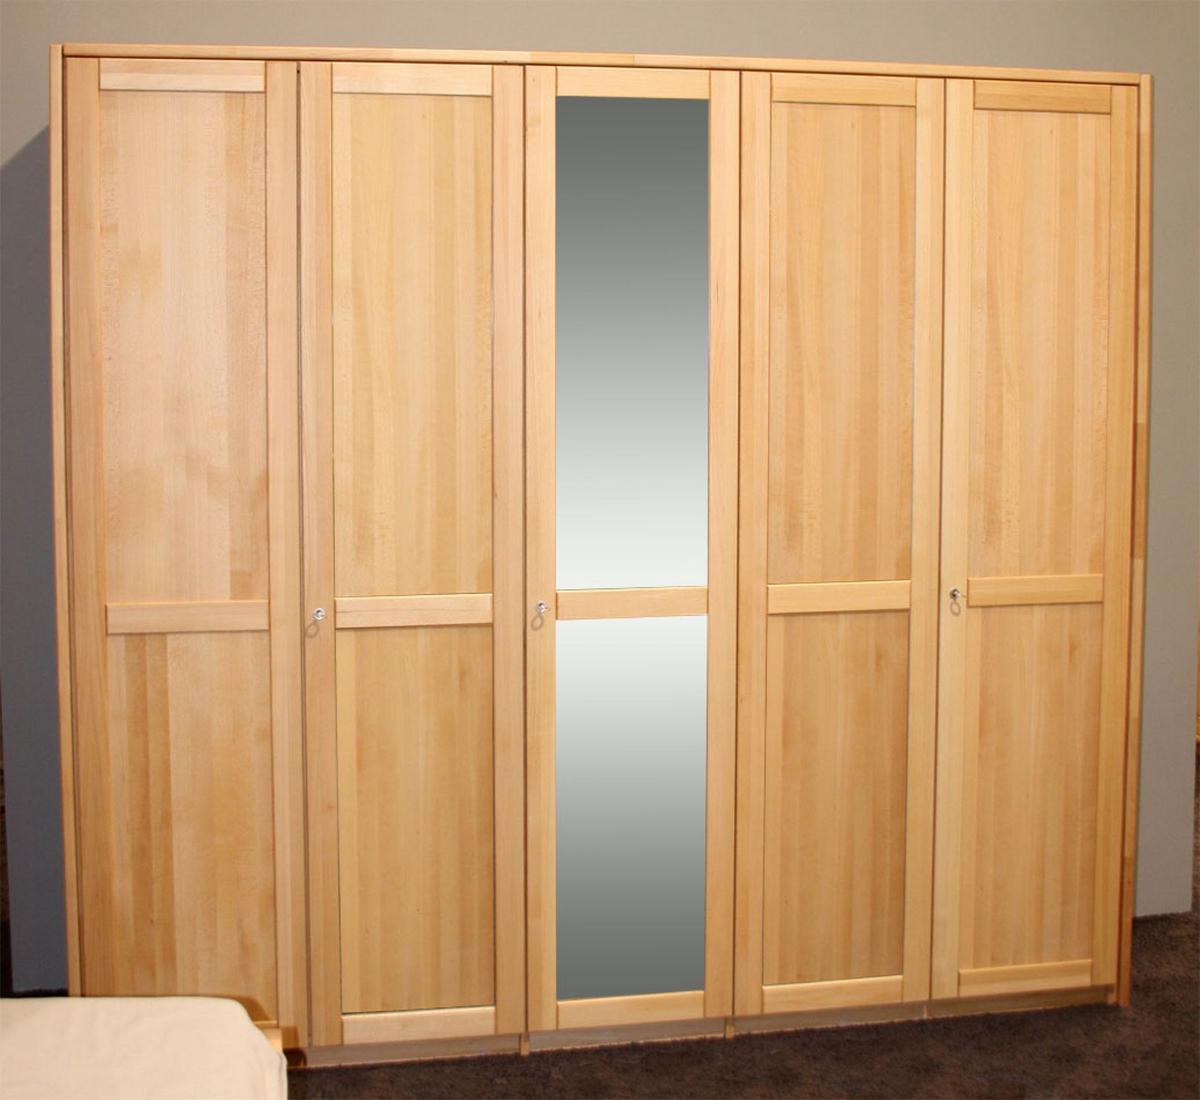 echtholz kleiderschrank mit spiegel buche massiv ge lt front2 5 t rig mit 1 spiegel. Black Bedroom Furniture Sets. Home Design Ideas